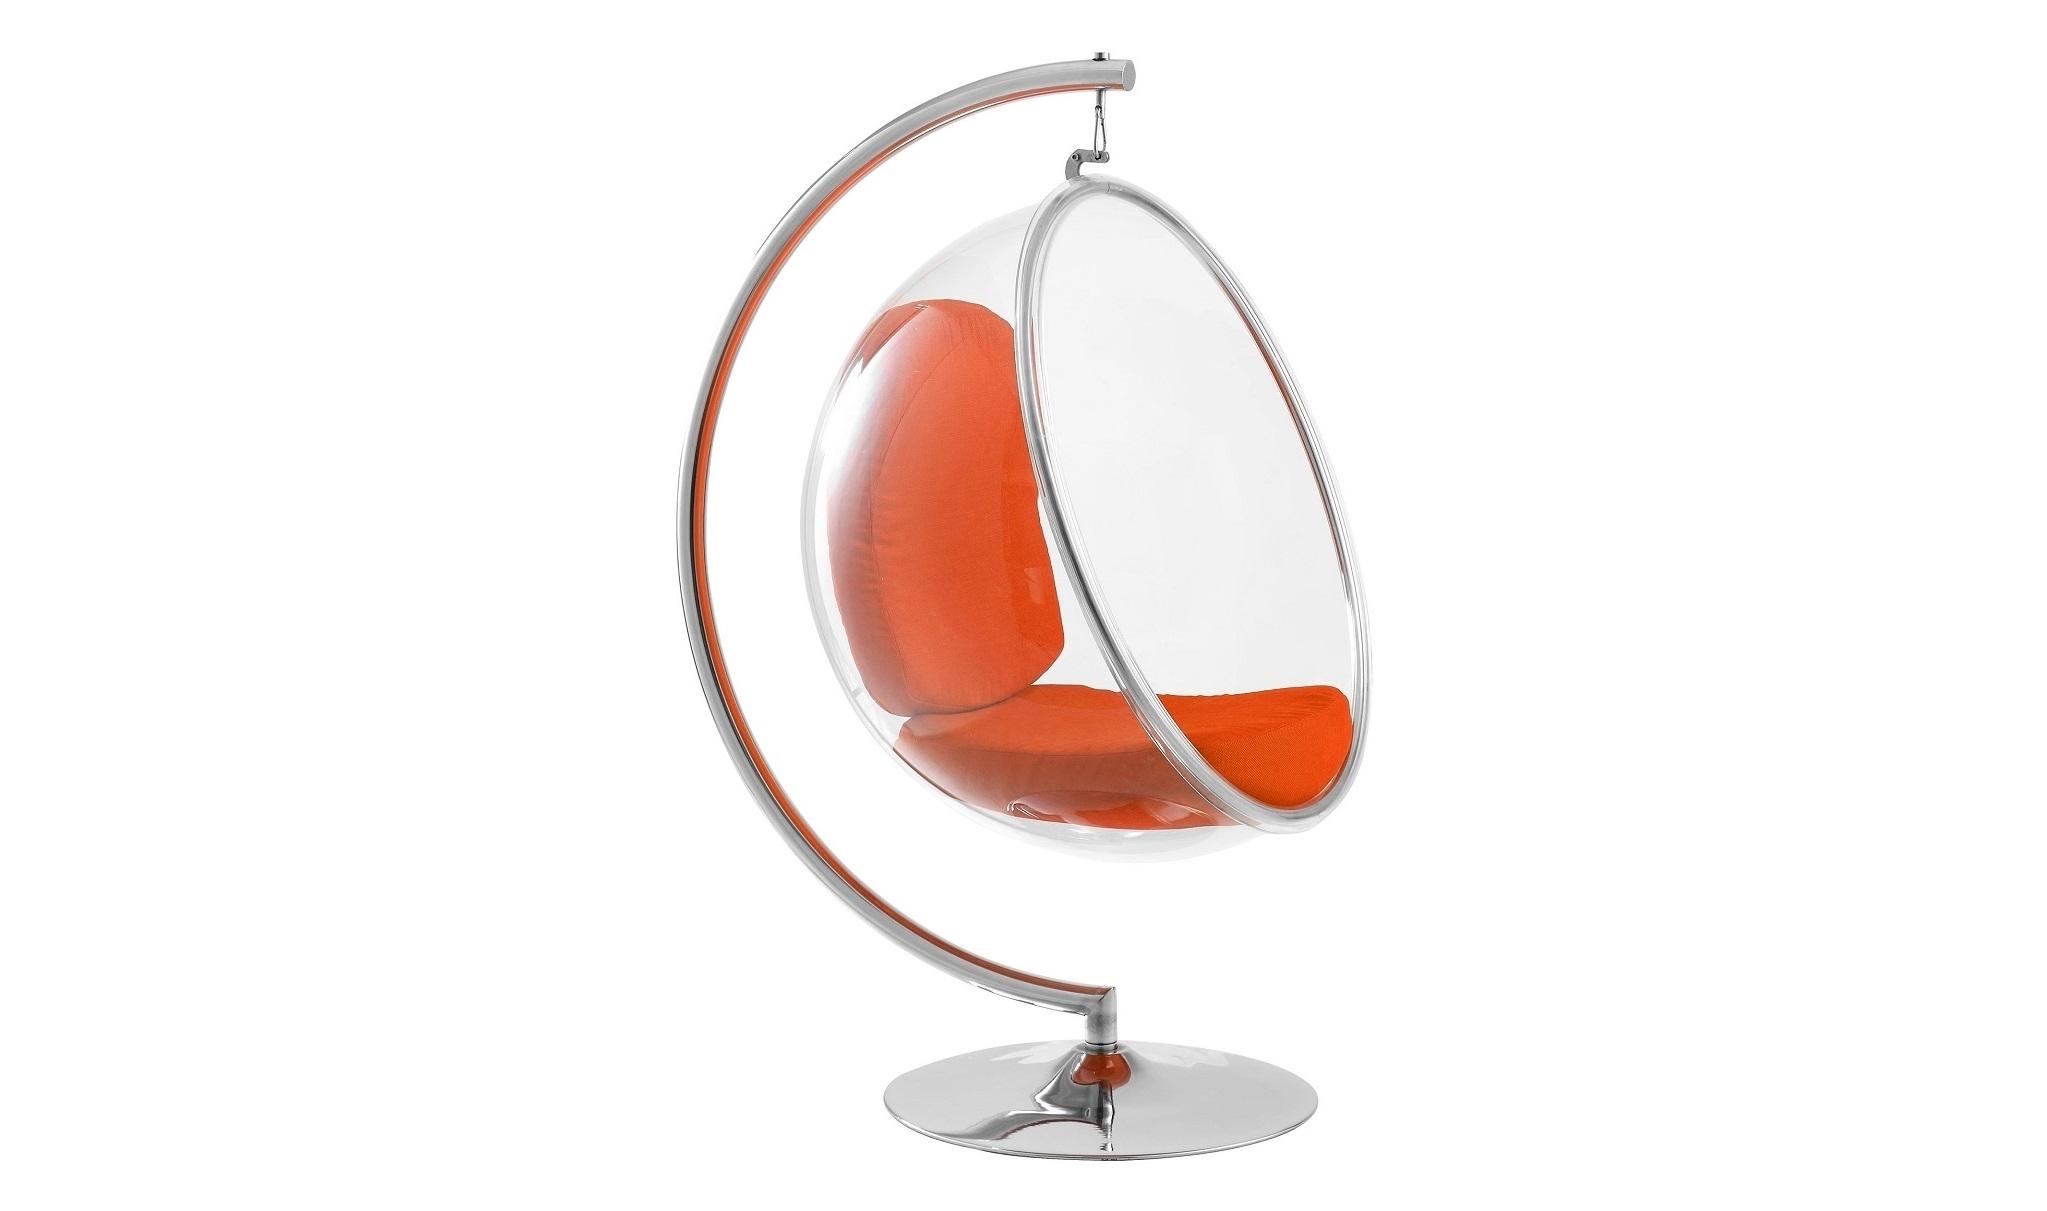 Кресло Bubble Chair with StandПодвесные кресла<br>Кресло-пузырь придумал 40 лет назад дизайнер Ээро Аарнио (Eero Aarnio). Но восхищает он любителей необычной мебели и сейчас. И не бойтесь, что пузырь лопнет. Прозрачные стенки изготовлены из сверхпрочного пластика, а в комплект входит специальная стальная конструкция-держатель, многократно проверенная в специальной краш-лаборатории. Внутри прозрачного каркаса – сиденье из яркой мягкой материи с наполнителем из полиуретана.&amp;lt;br&amp;gt;<br><br>Material: Кожа<br>Width см: 106<br>Depth см: 107<br>Height см: 170